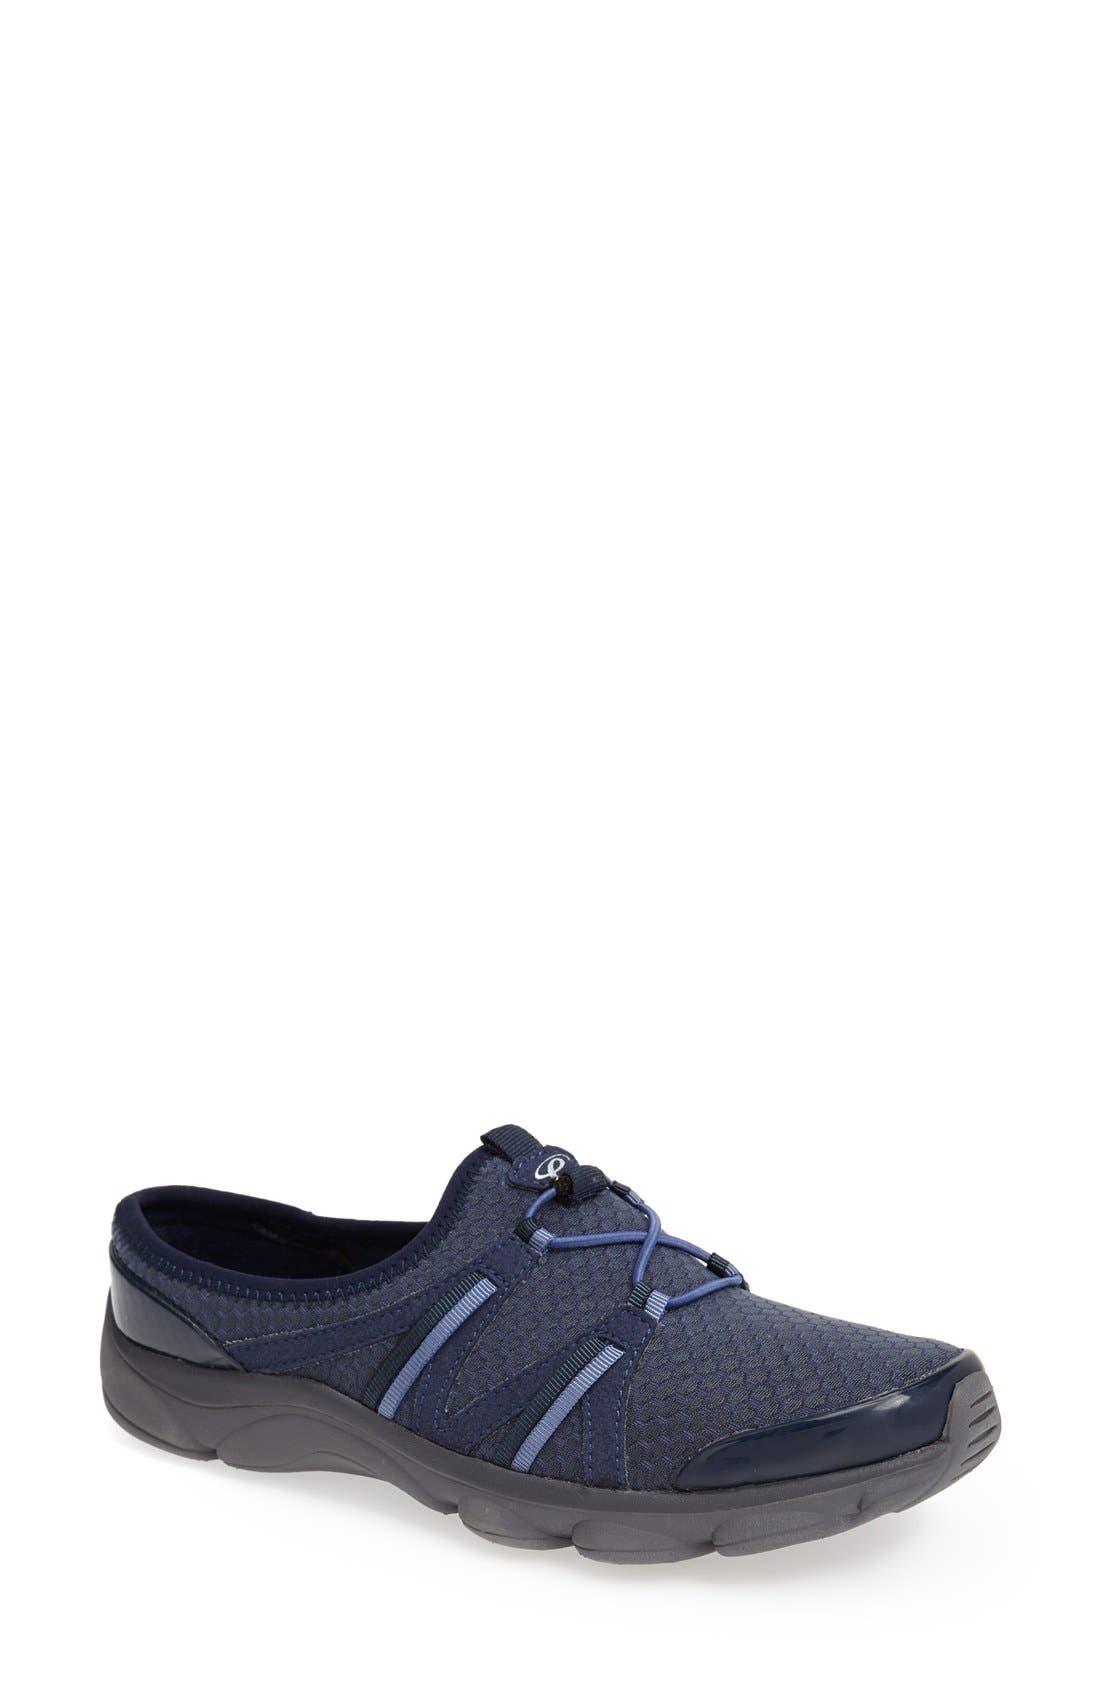 Main Image - Easy Spirit 'e360 - Rich' Slip-On Sneaker (Women)